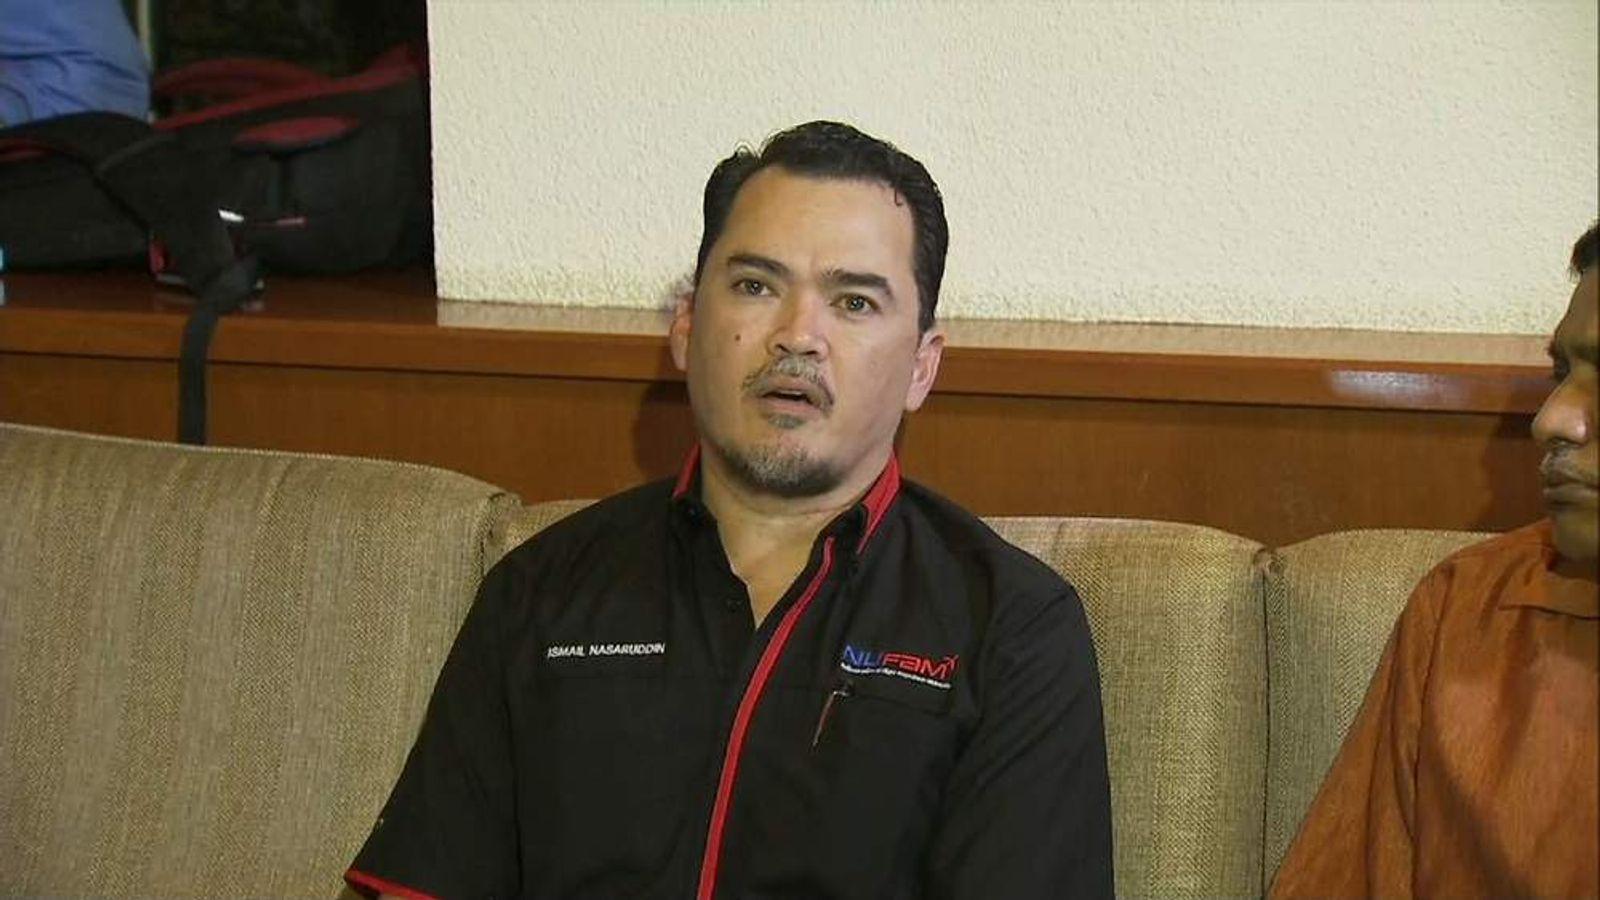 Ismail Nasaruddin